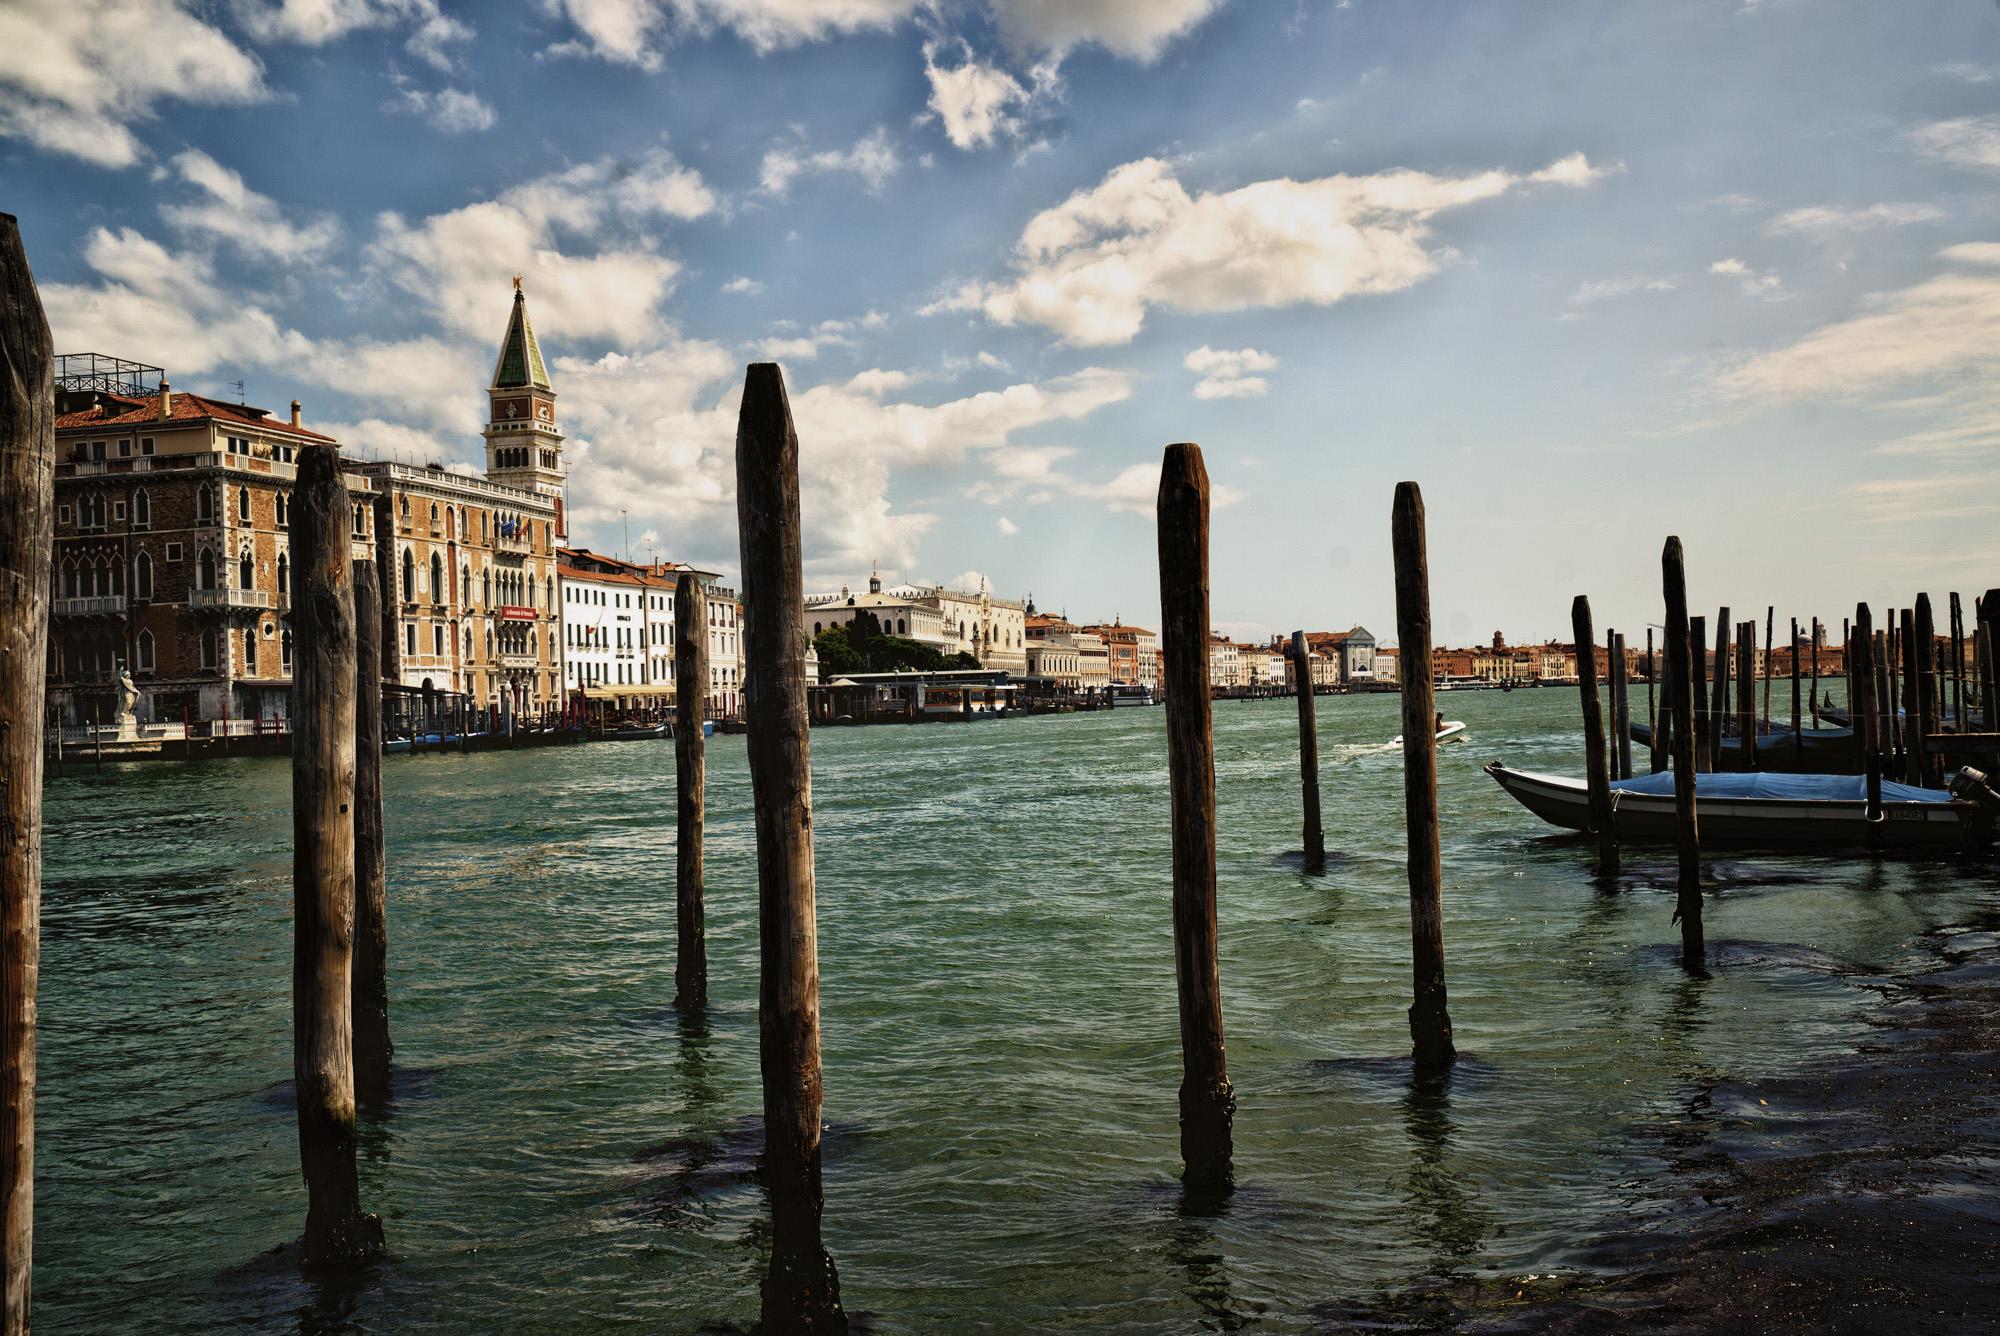 venezia lockdown